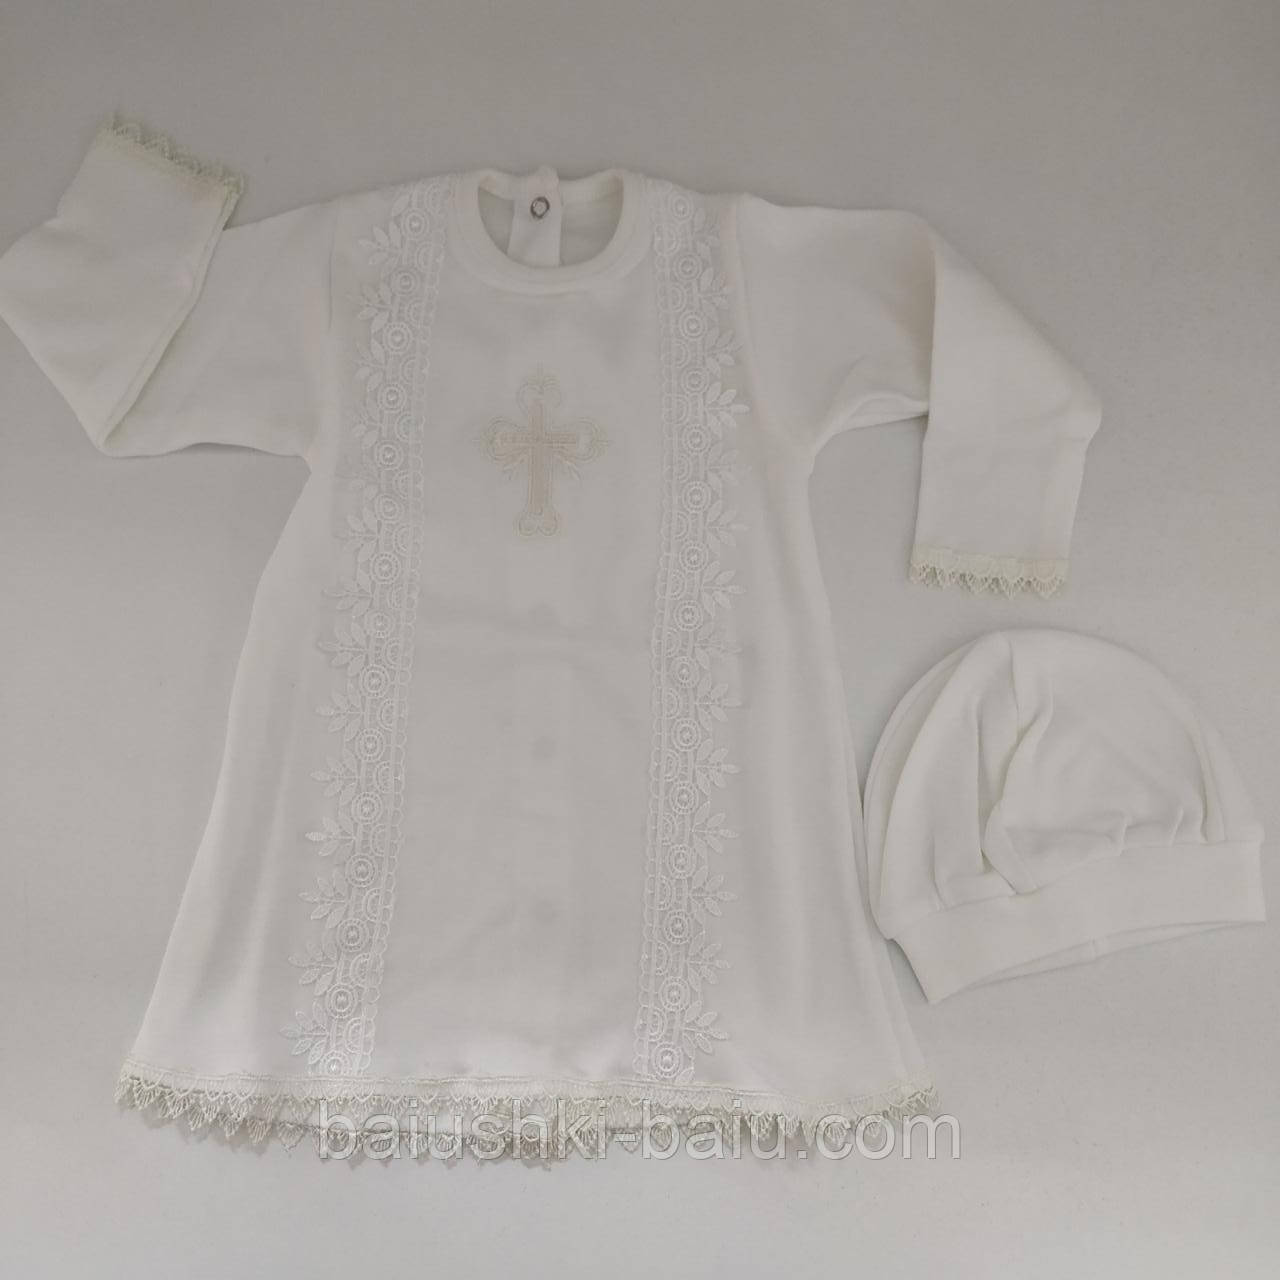 Крестильная рубашка+колпачок для новорожденного (молочный интерлок)